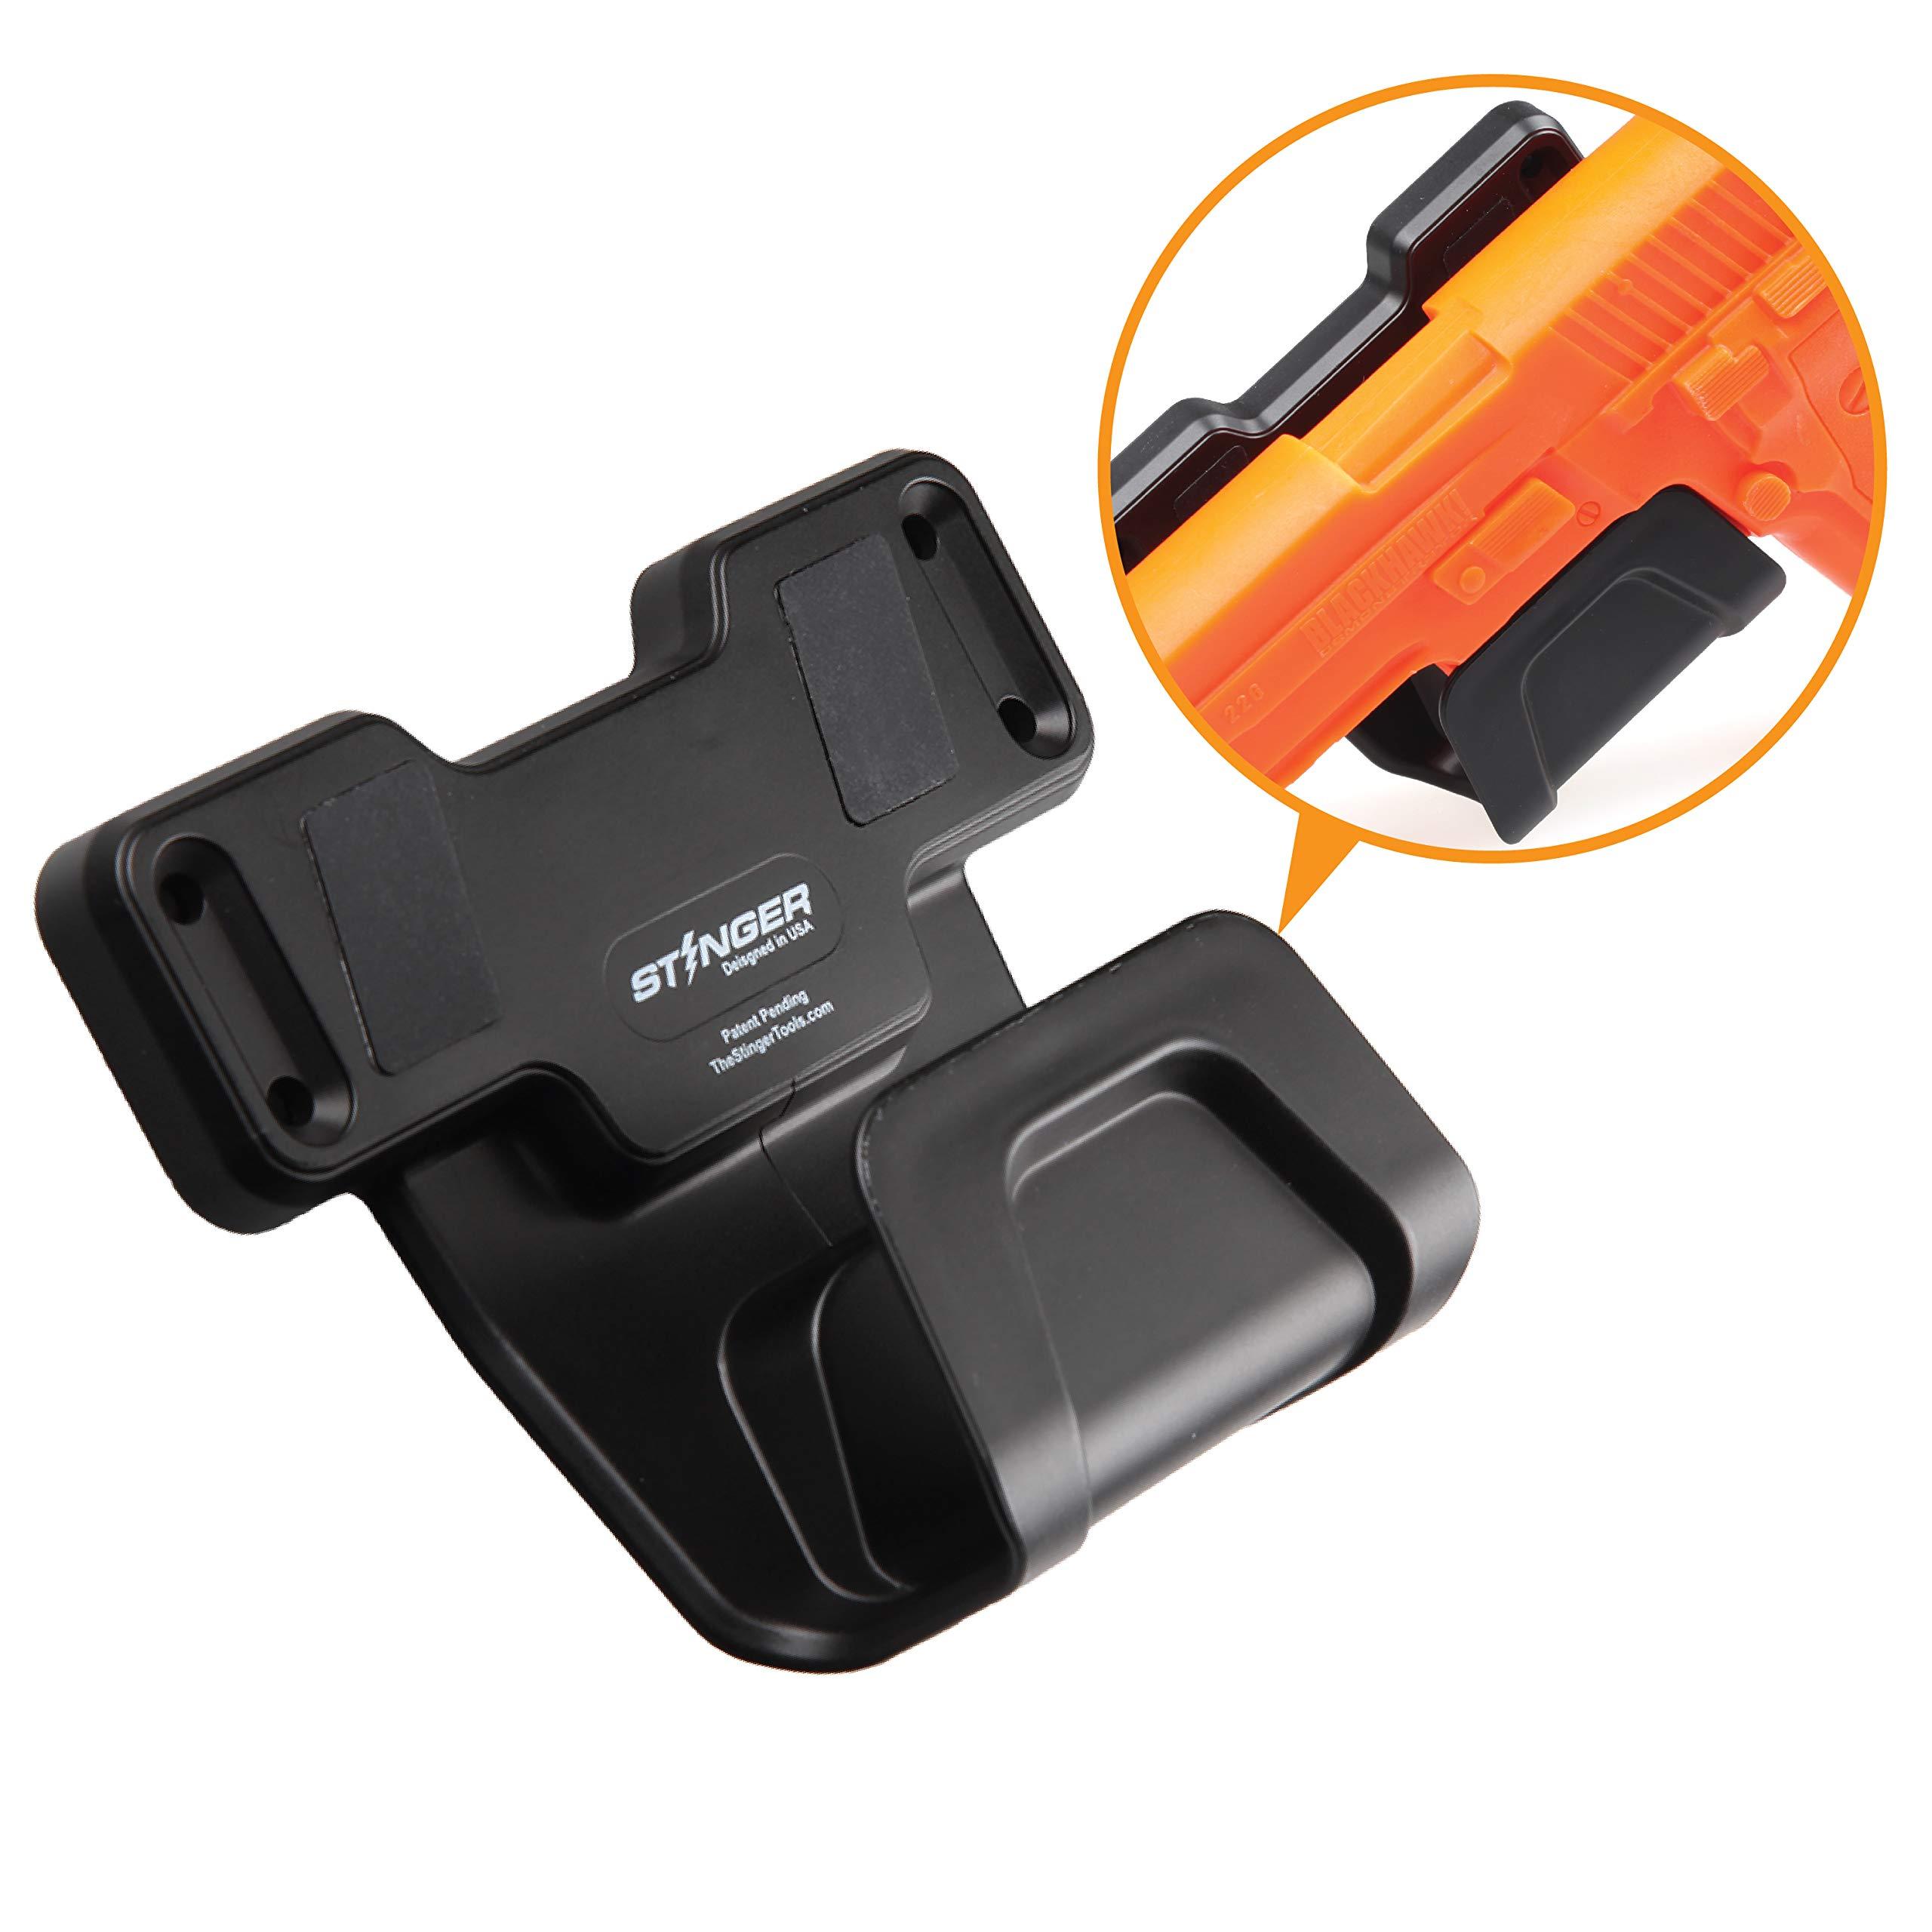 Stinger Safety Trigger Guard Protection Magnetic Gun Holder, Easy Conceal in Car, Truck, Vehicle, Desks, Safes, Walls, Handgun Rifle Shotgun Pistol Revolver, Gun Mount Rack (Black Color 1 Pack) by Stinger